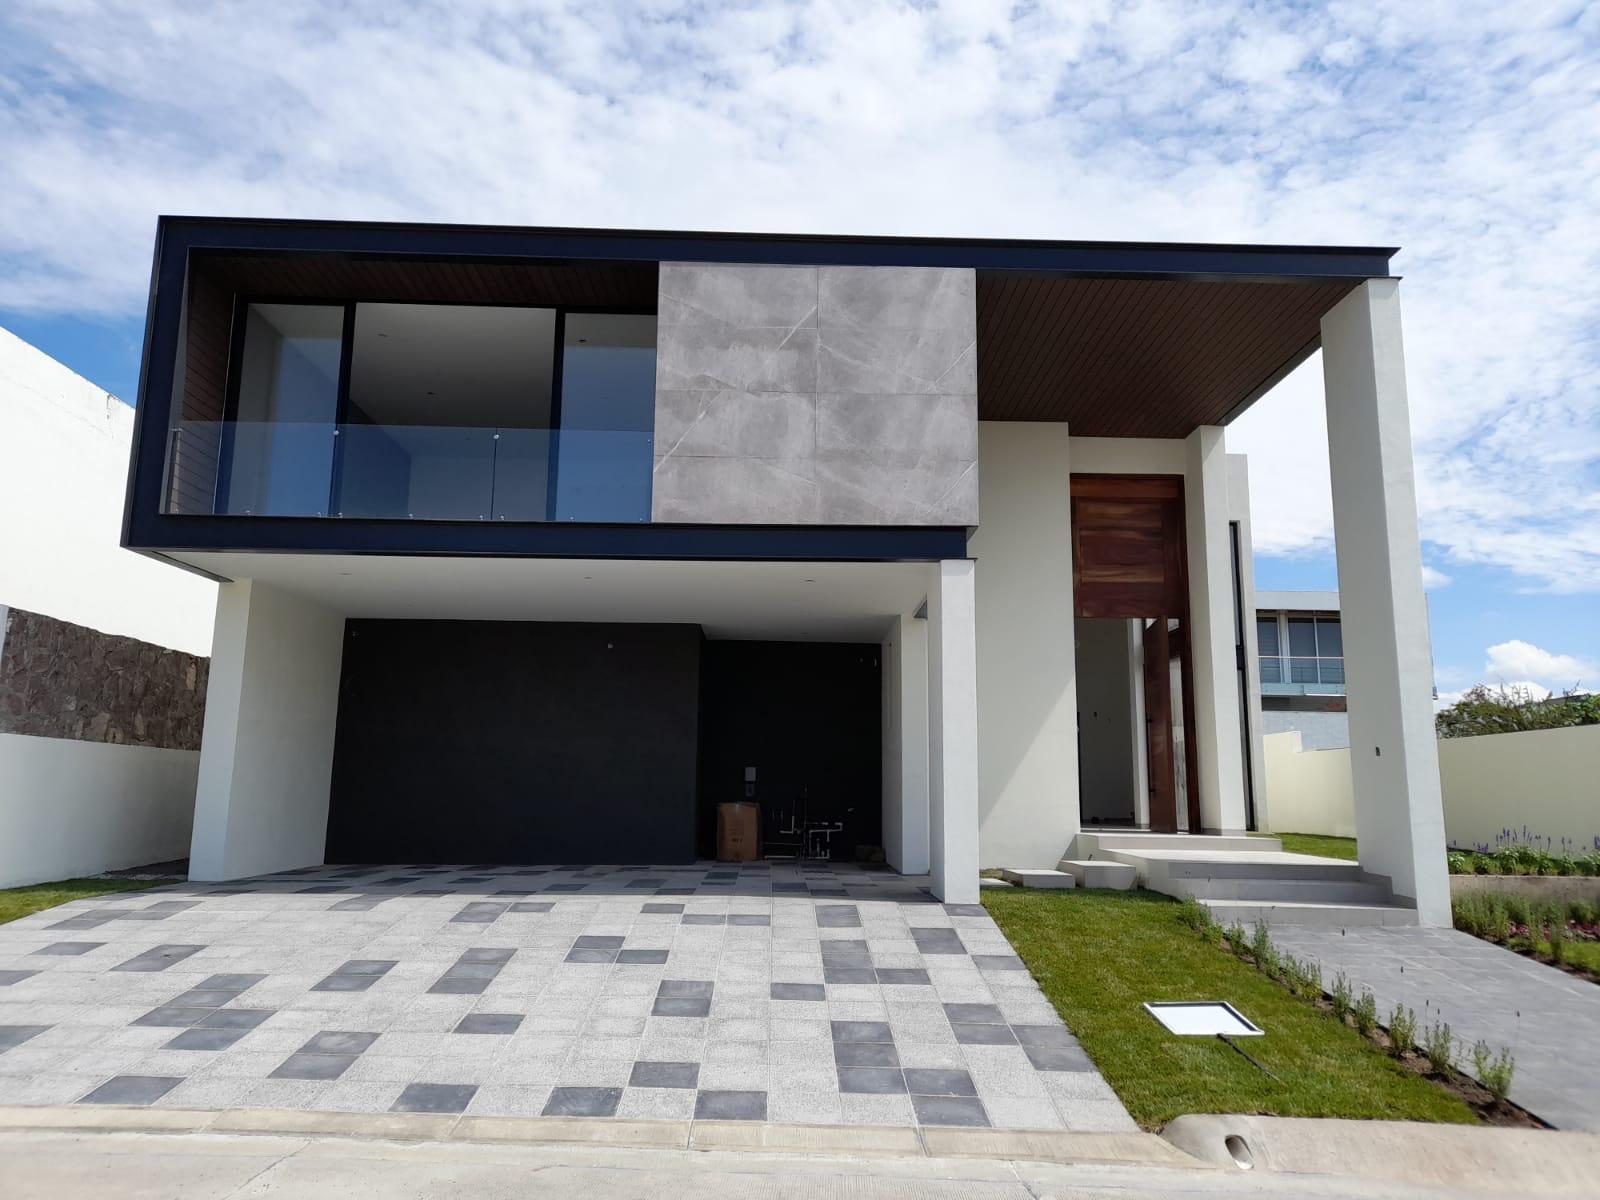 Casa en Venta en El Molino Residencial & Golf, León, Guanajuato